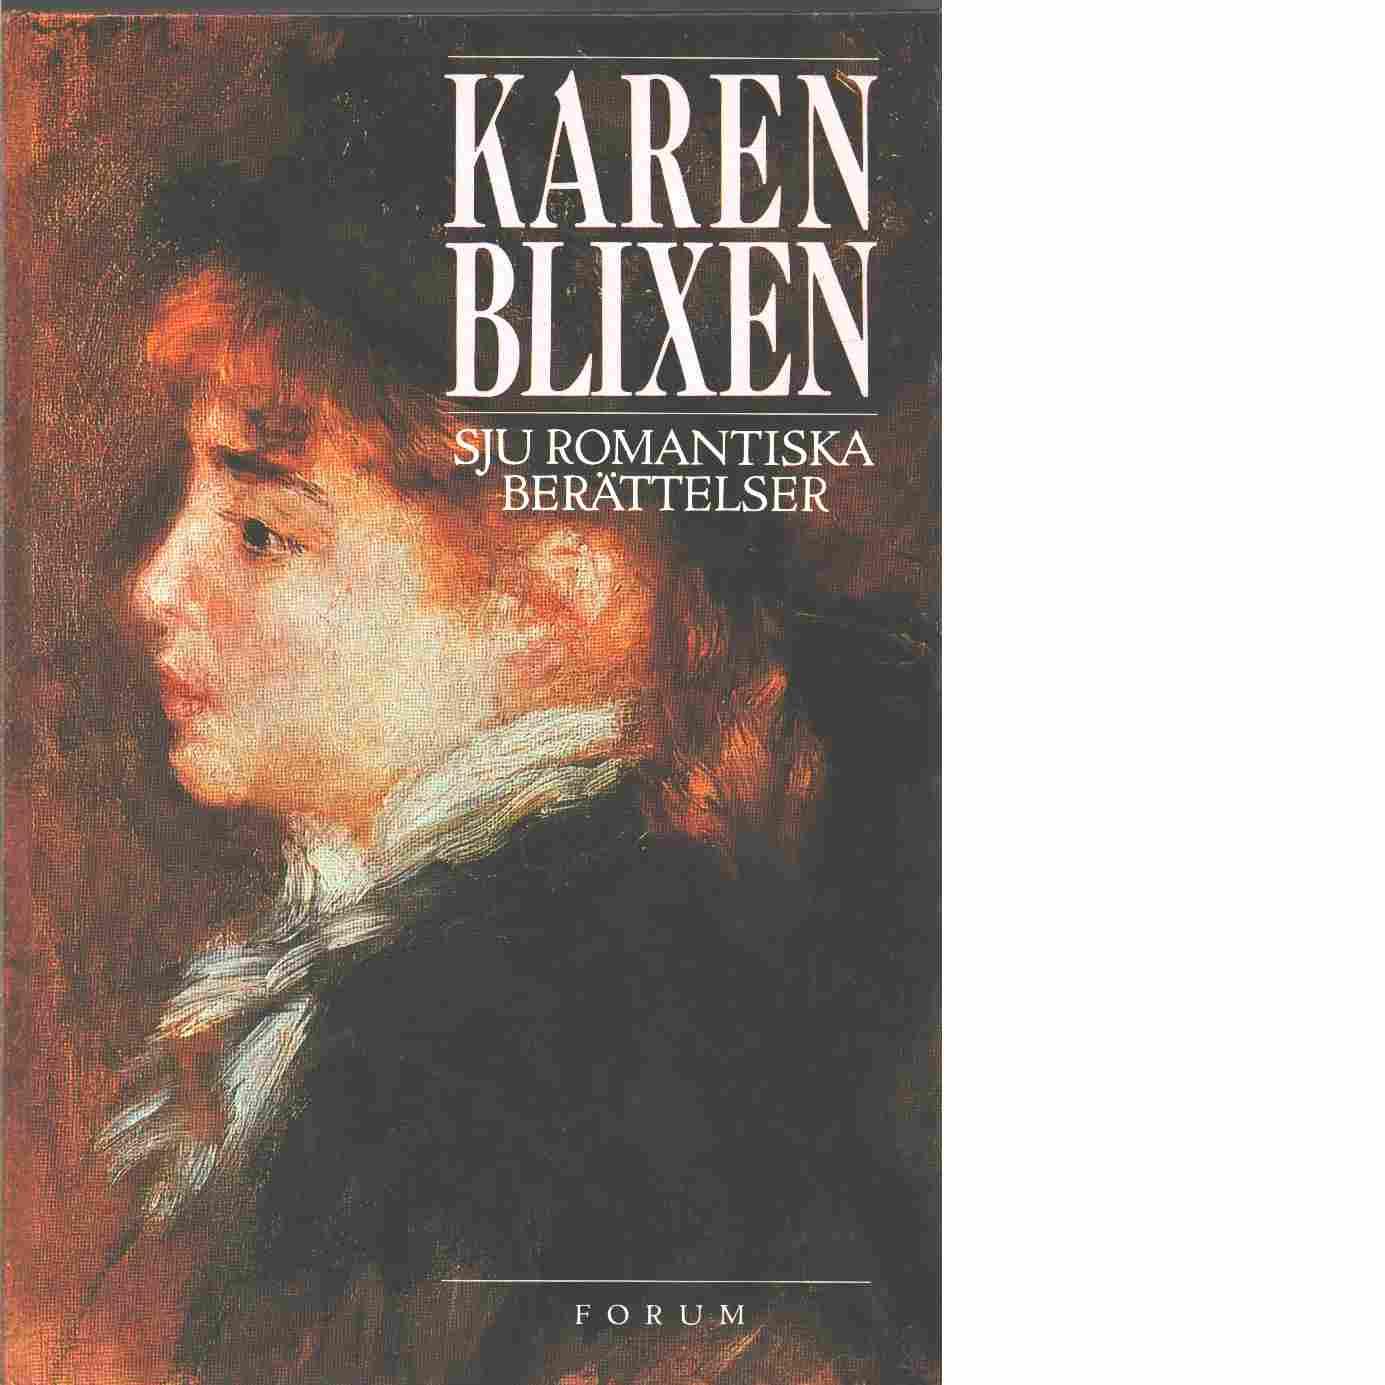 Sju romantiska berättelser - Blixen, Karen